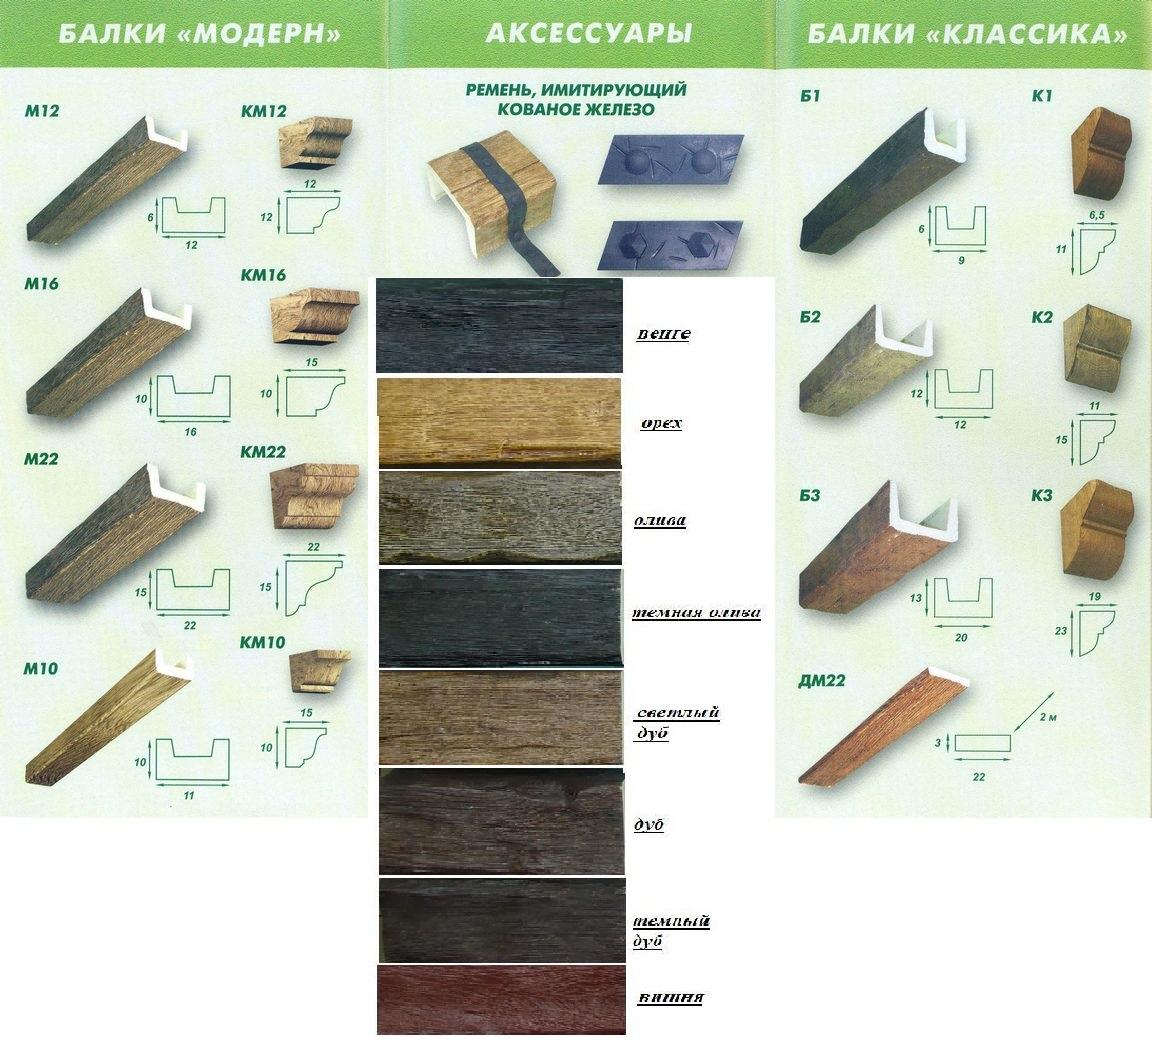 Для изготовления балок используются, в основном, хвойные породы, но покрасить их можно в любой оттенок, в зависимости от предпочтений хозяина помещения